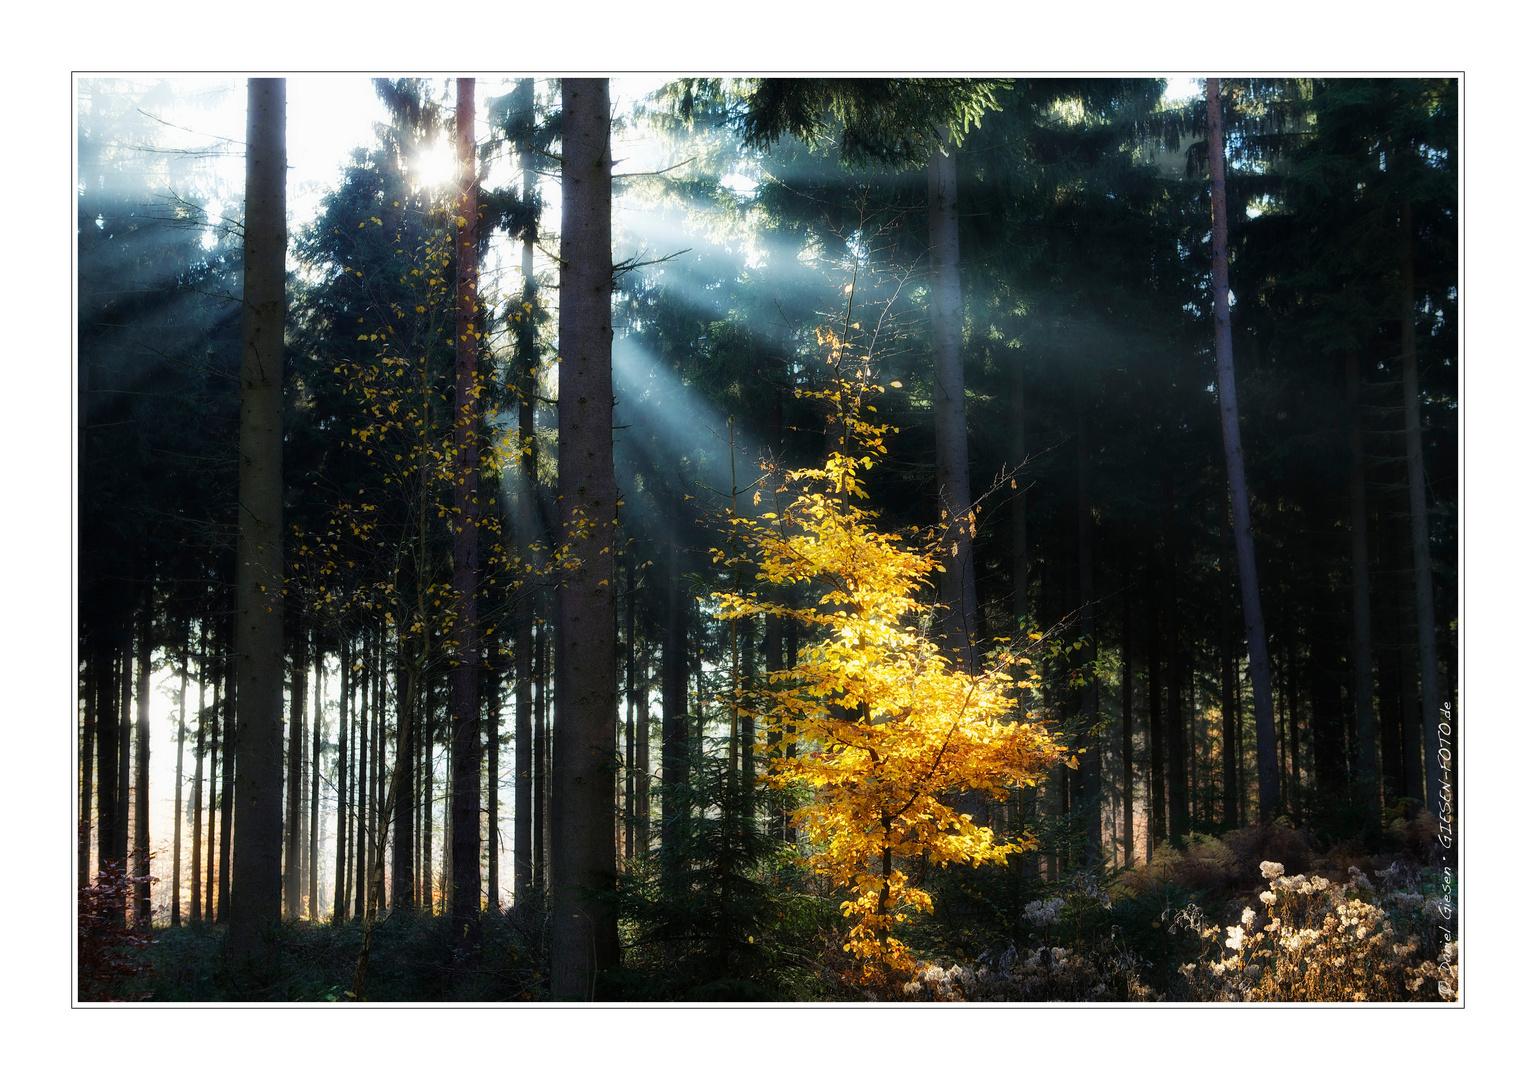 Indian Summer 06 - Lichterspiele in den Wäldern